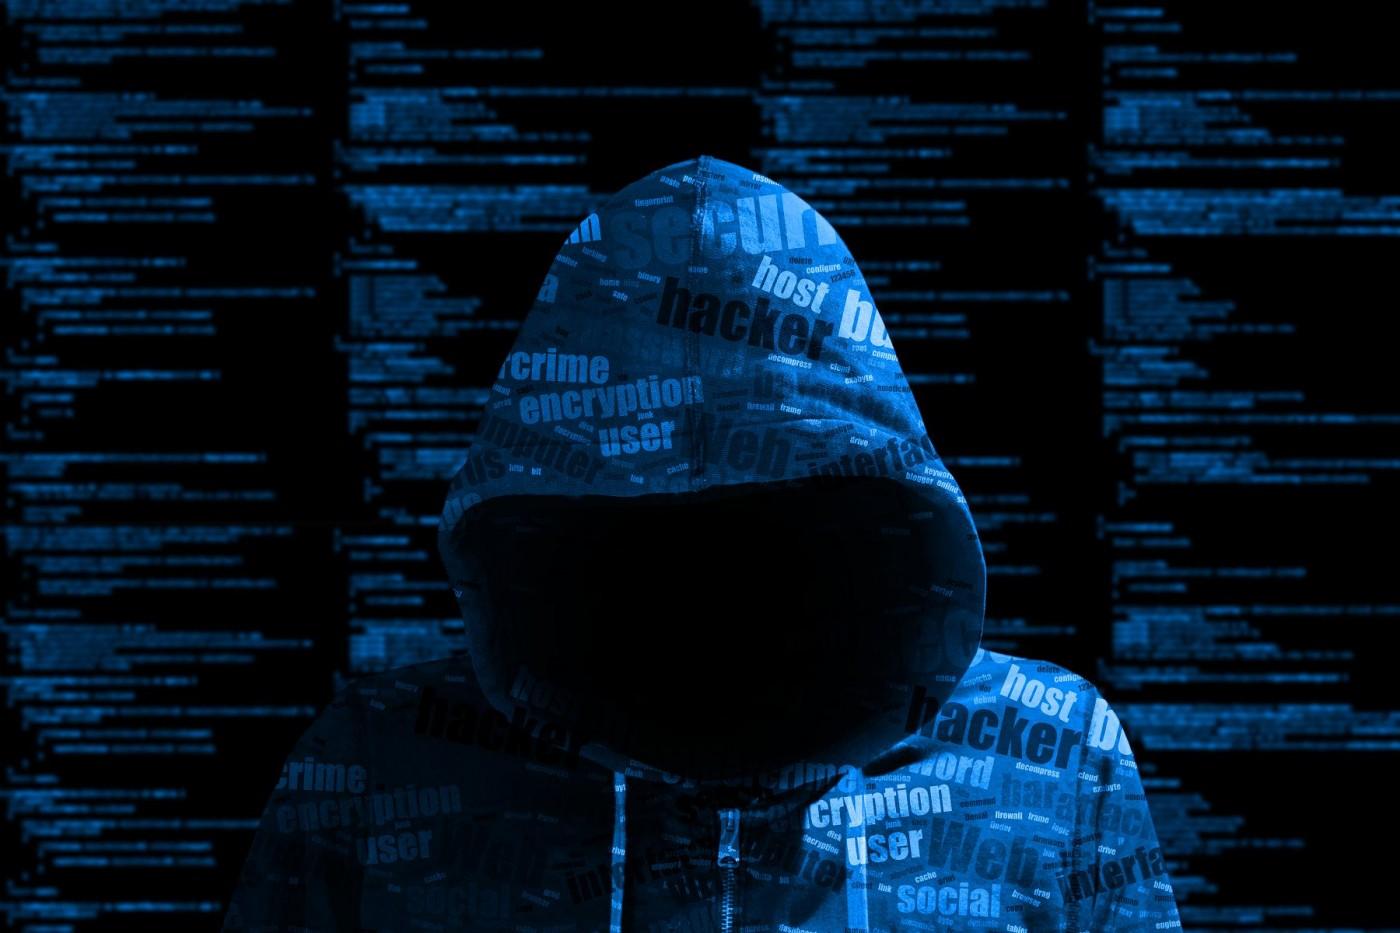 Zoom爆出50萬組帳號放暗網賤賣,到底駭客是怎麼破解密碼?